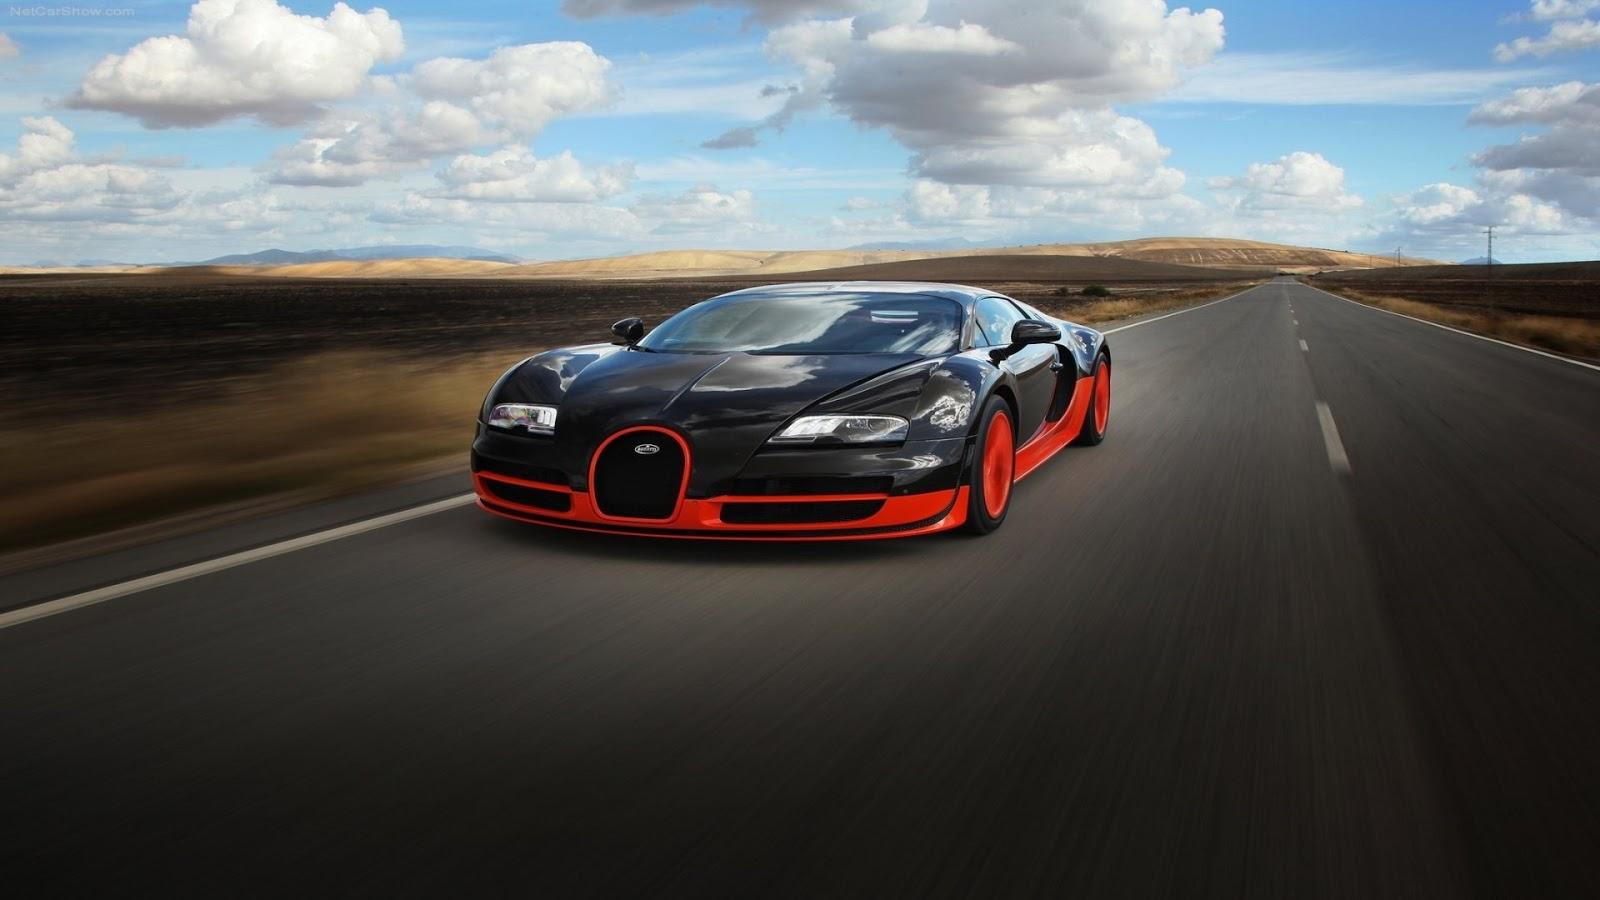 Bugatti hd wallpapers 1080p wallpapersafari - Car hd wallpapers 1080p download ...